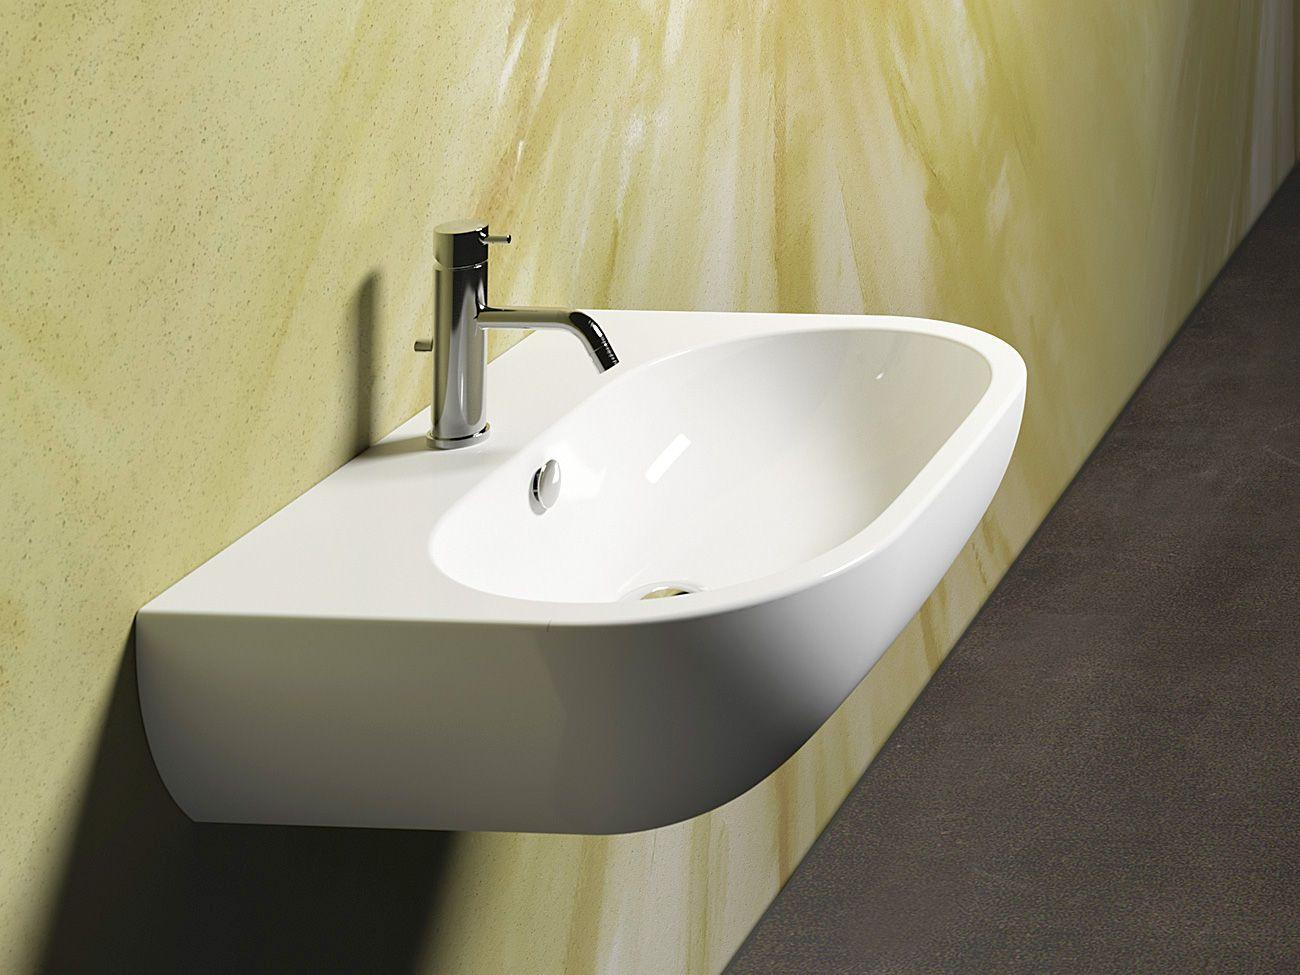 sfera 65 lavabo by ceramica catalano dise o cdc catalano. Black Bedroom Furniture Sets. Home Design Ideas